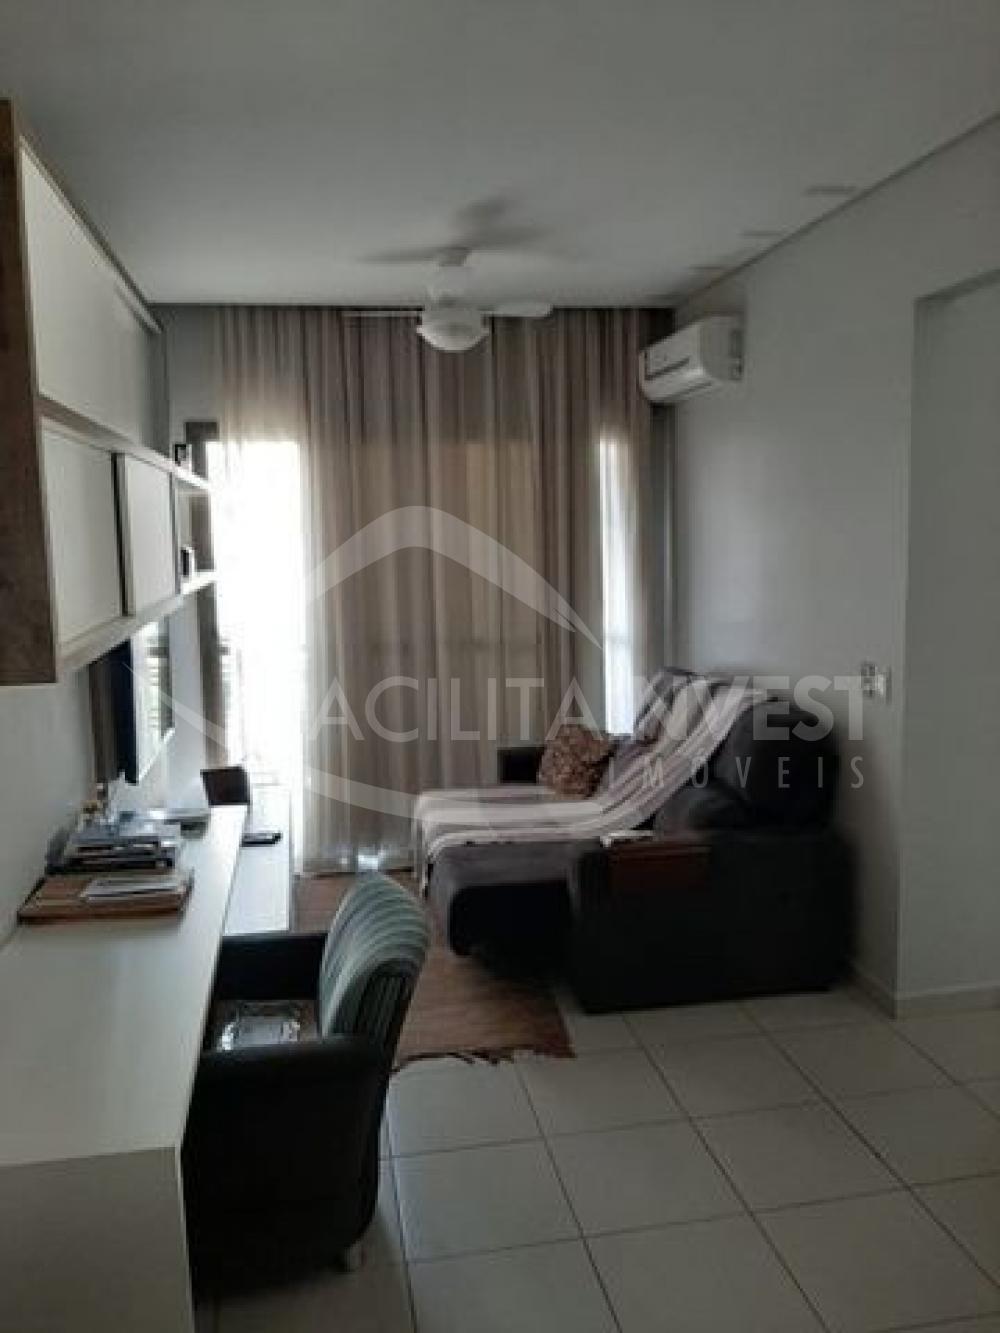 Alugar Apartamentos / Apartamento Mobiliado em Ribeirão Preto apenas R$ 1.400,00 - Foto 2